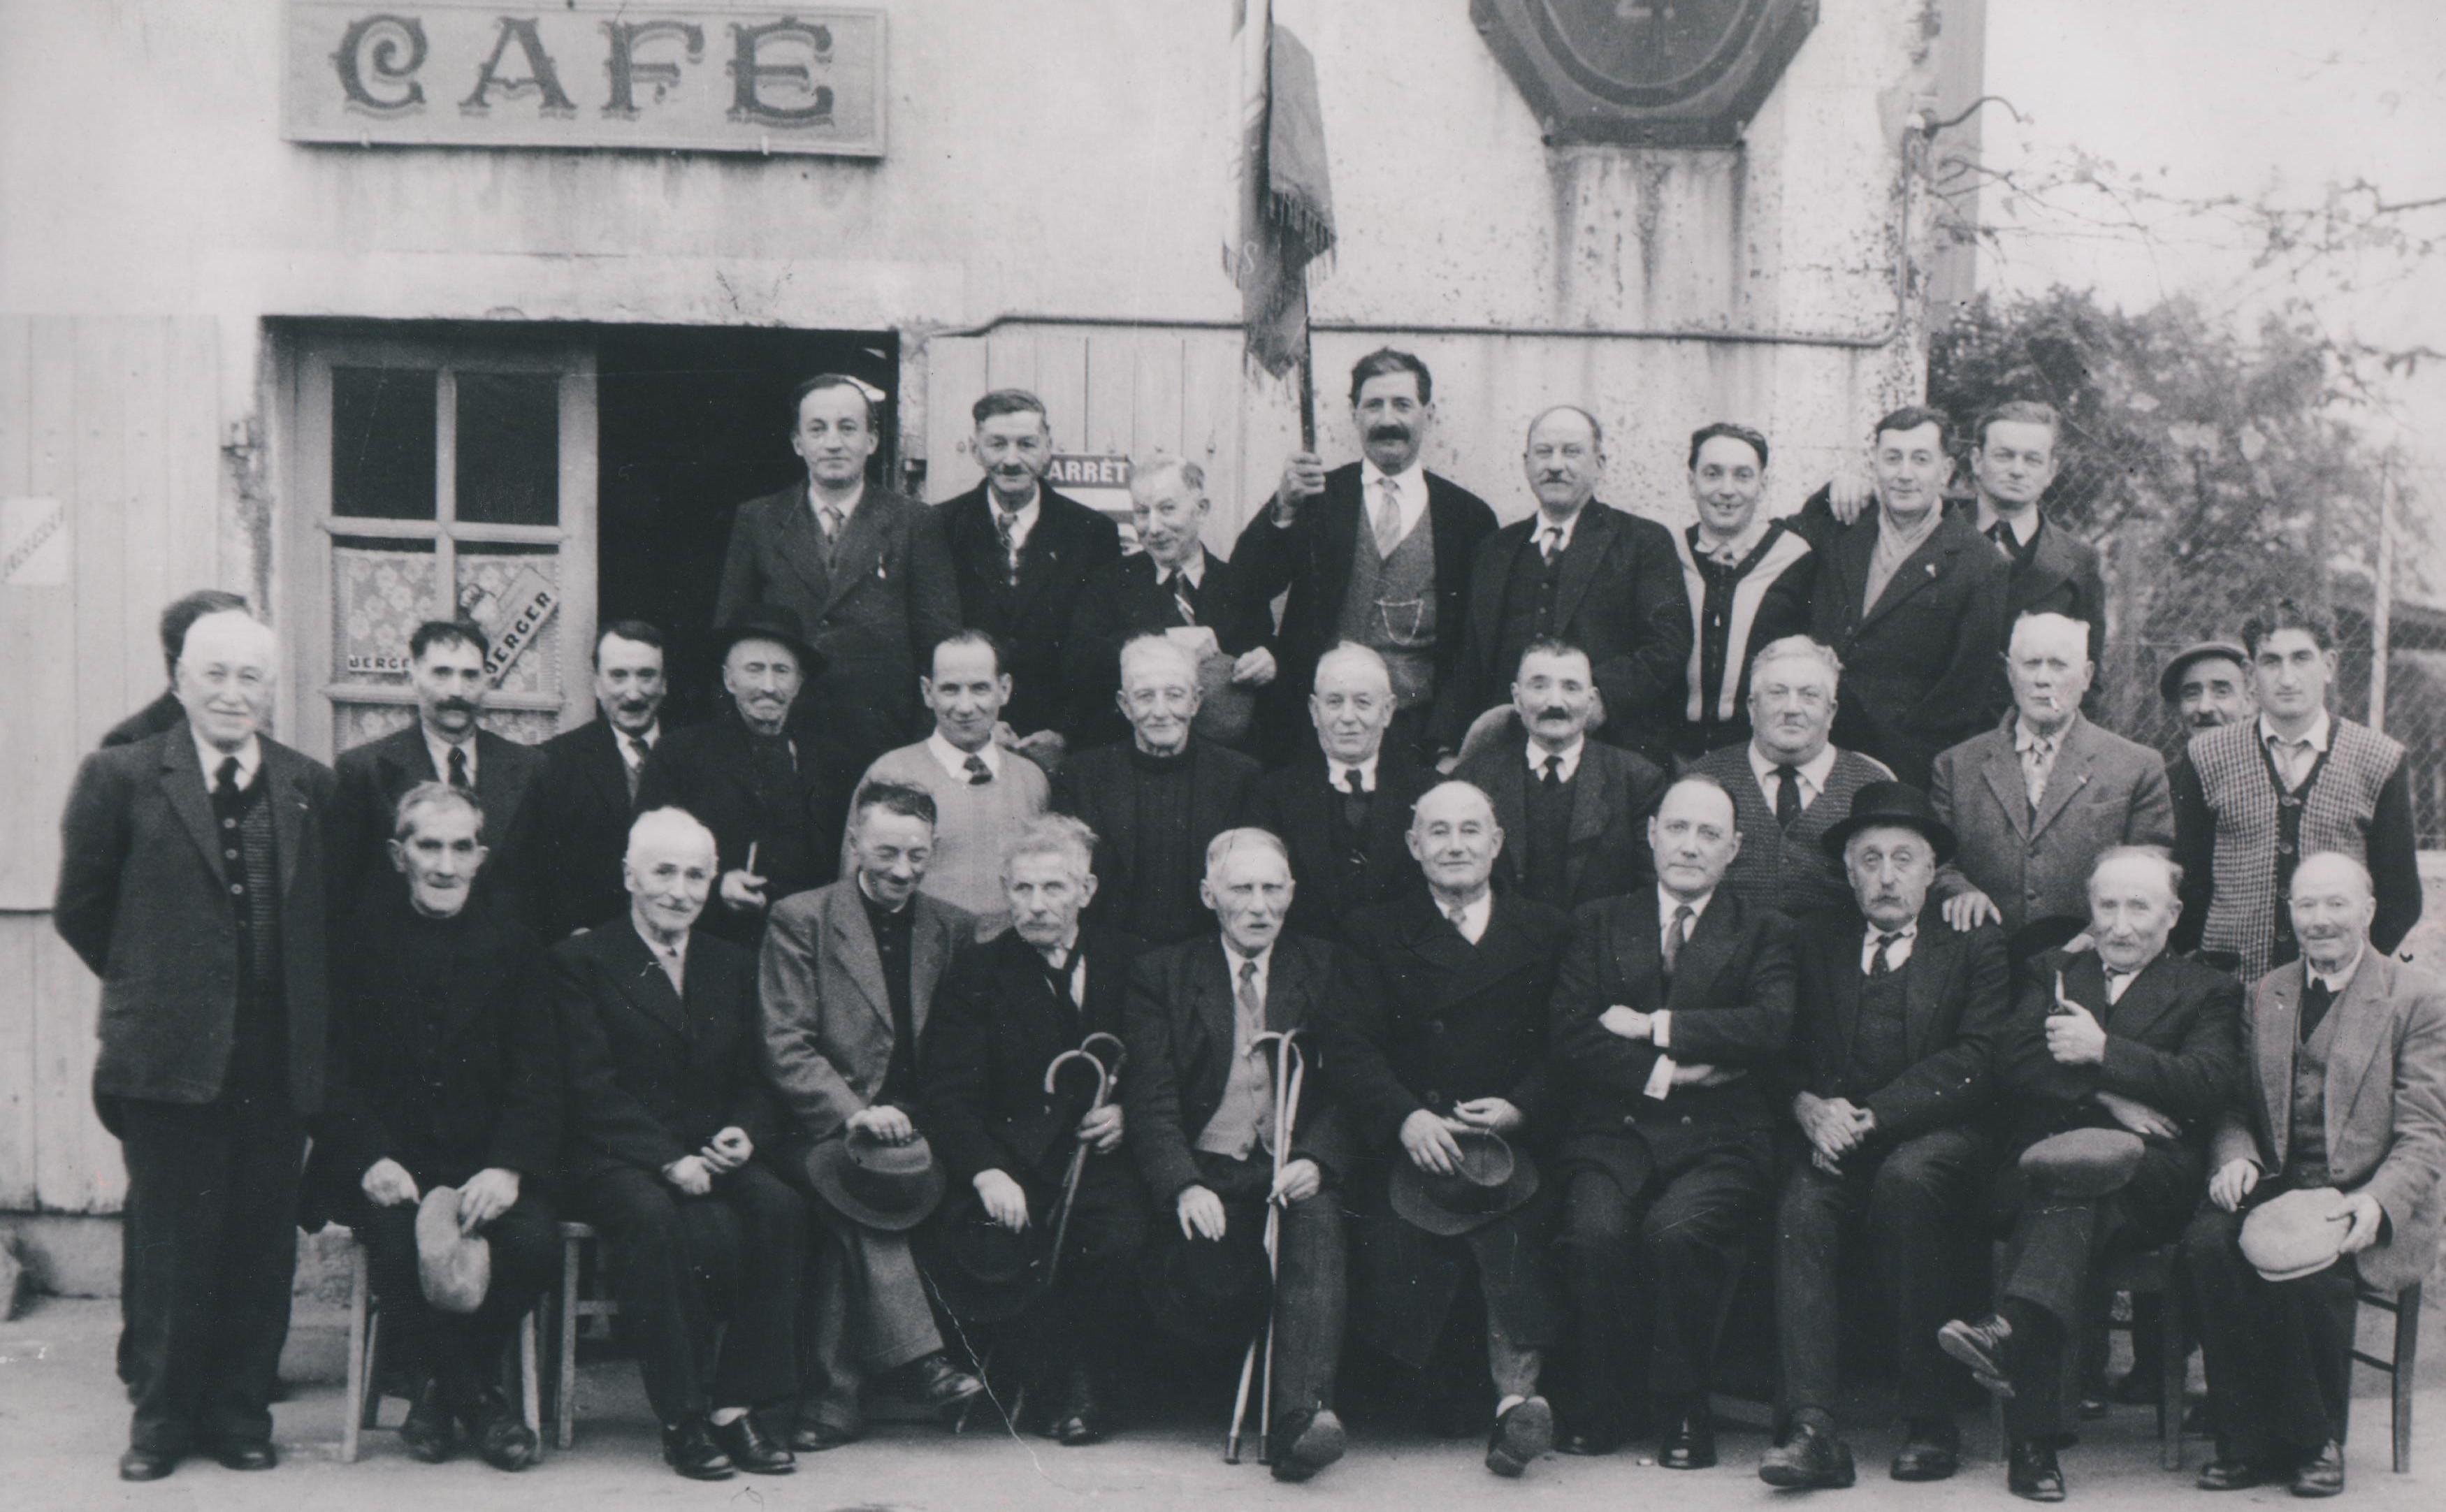 les-participants-a-un-banquet-danciens-combattants-14-18-39-45-dans-le-debut-des-annees-1950